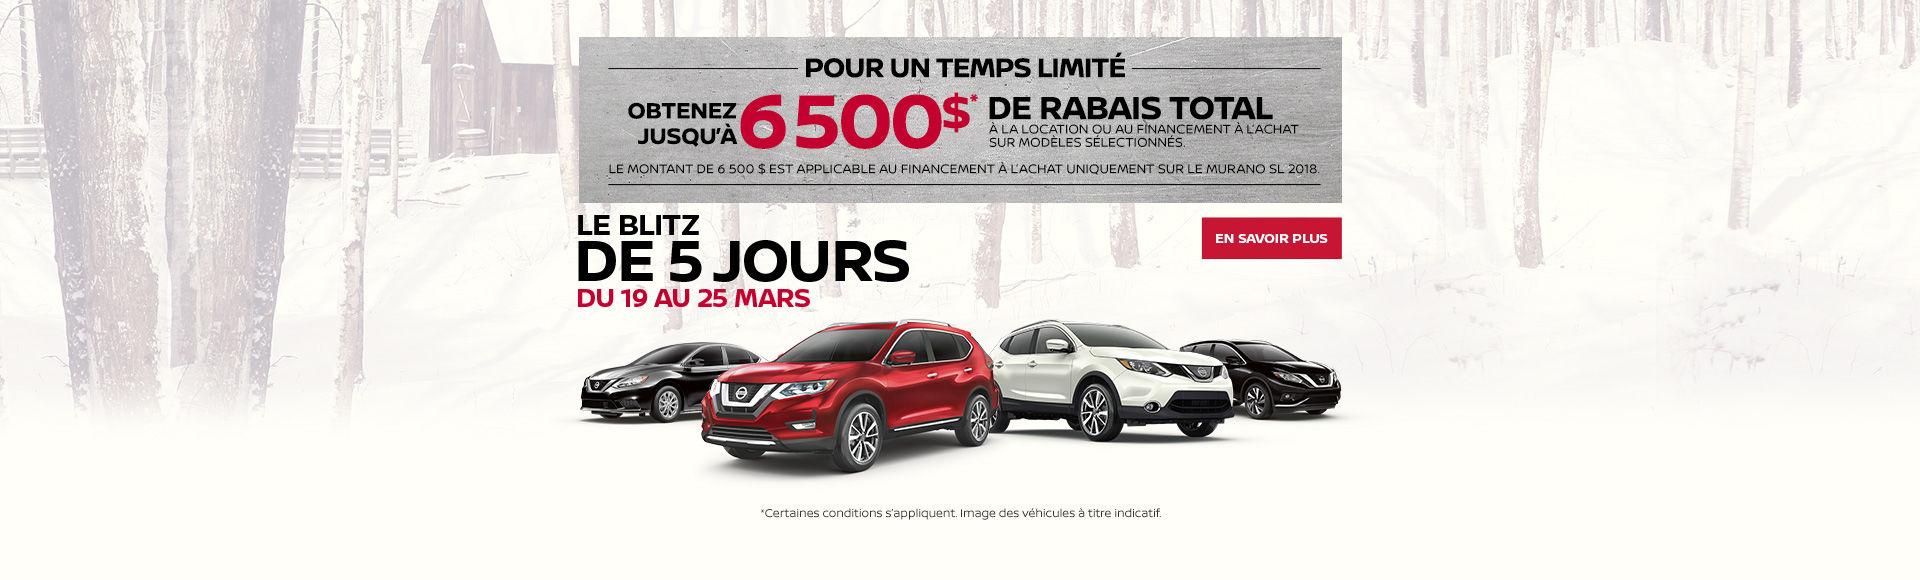 La vente de 5 jours de Nissan